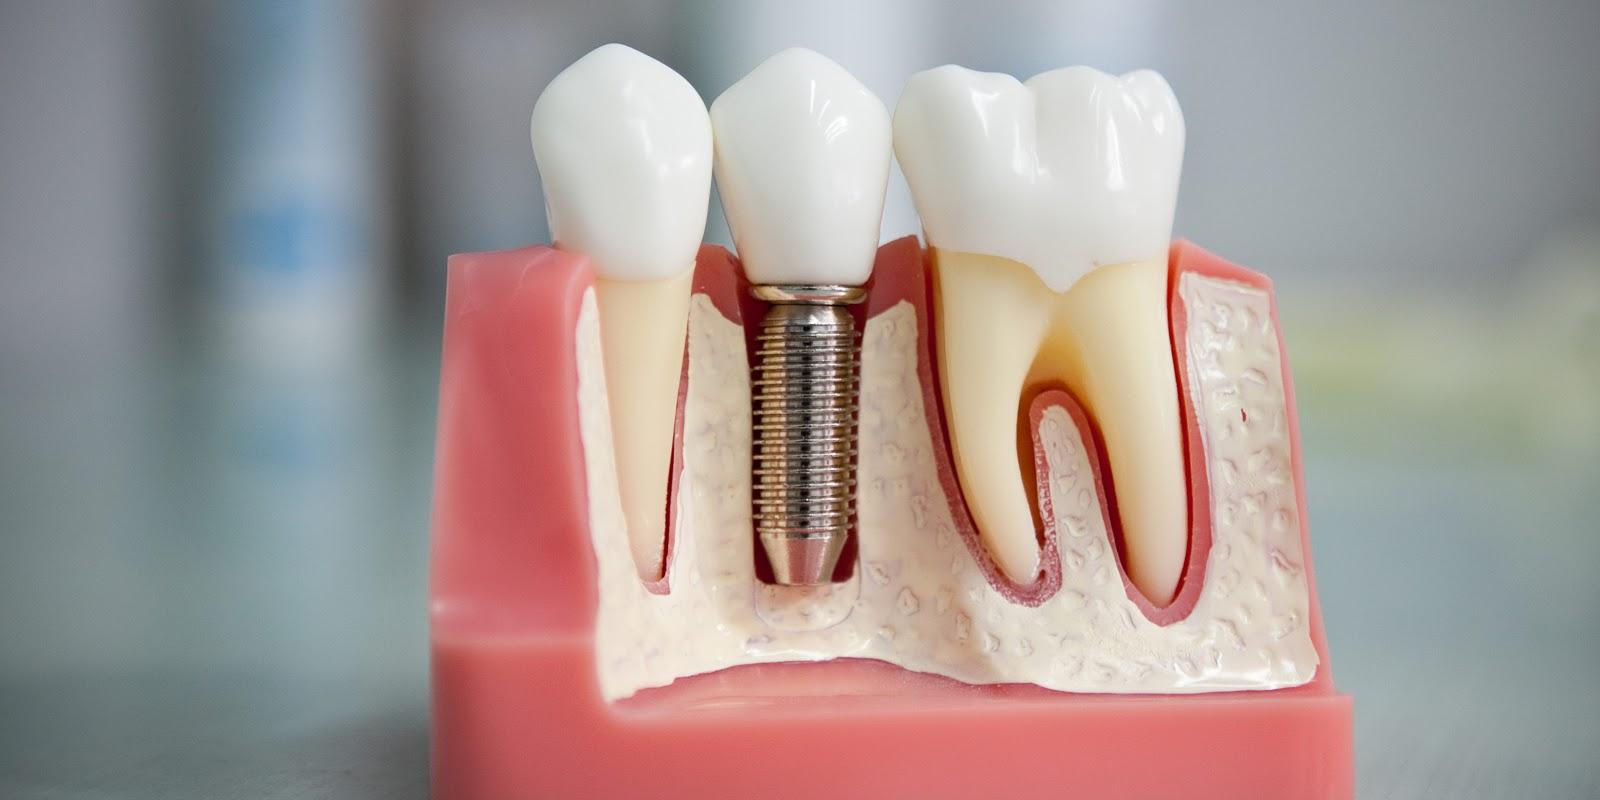 Услуги стоматолога в Москве